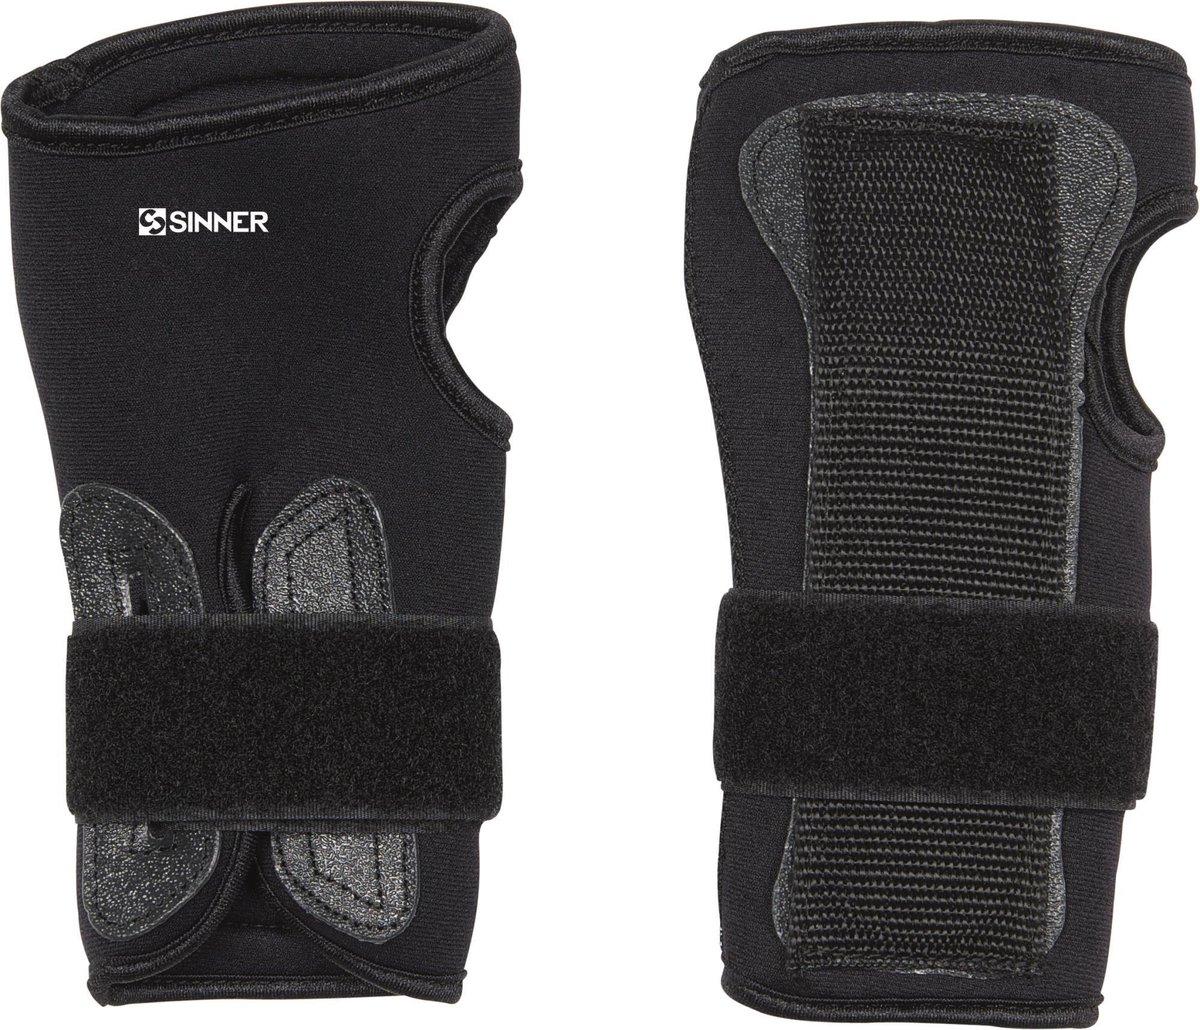 Sinner Wrist Guard (Pair) Unisex Polsbescherming - Zwart - XL